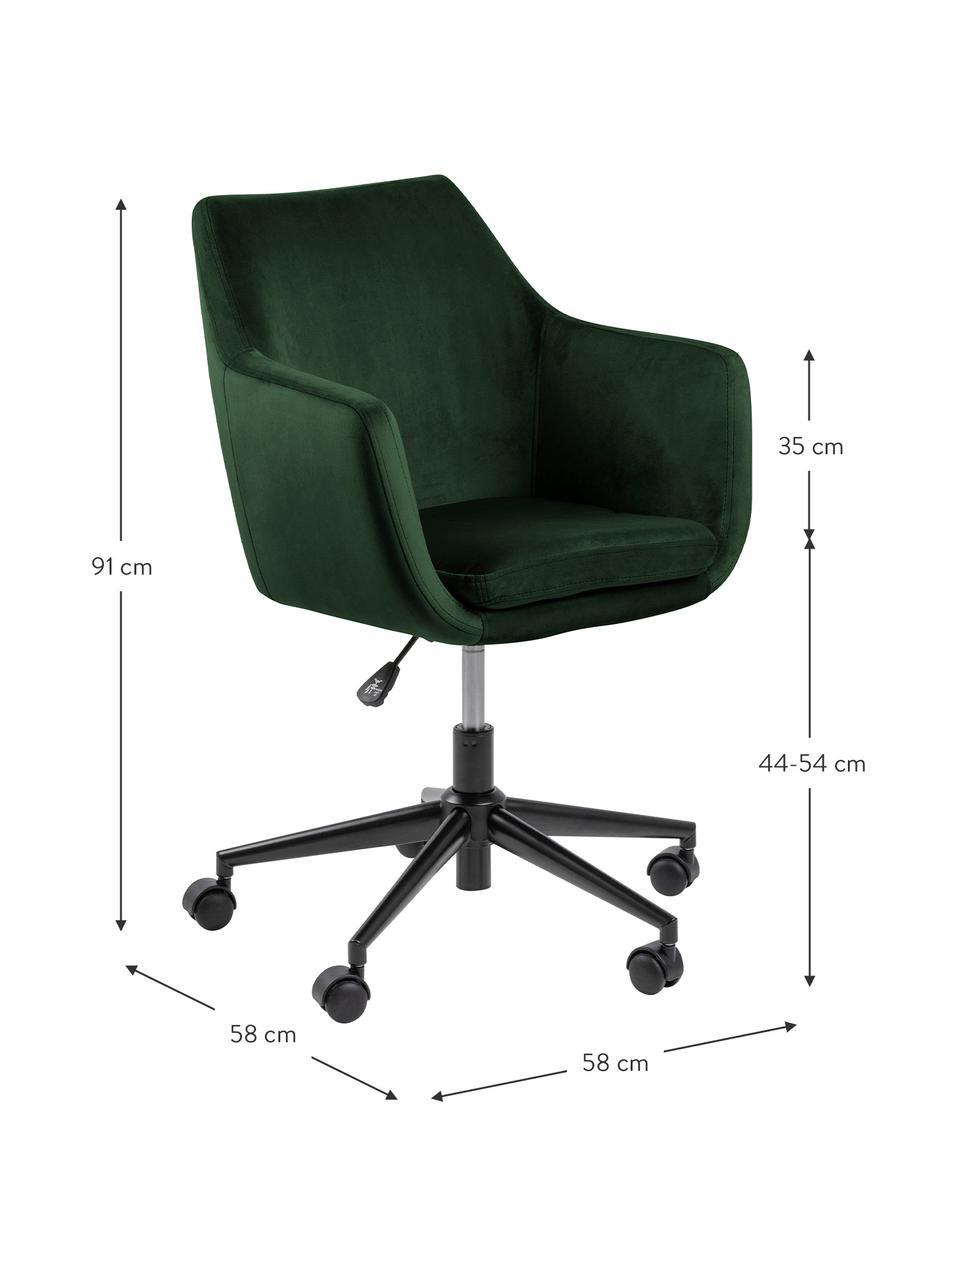 Sedia da ufficio girevole in velluto Nora, Rivestimento: poliestere (velluto) 25.0, Struttura: metallo verniciato a polv, Verde bosco, nero, Larg. 58 x Prof. 58 cm